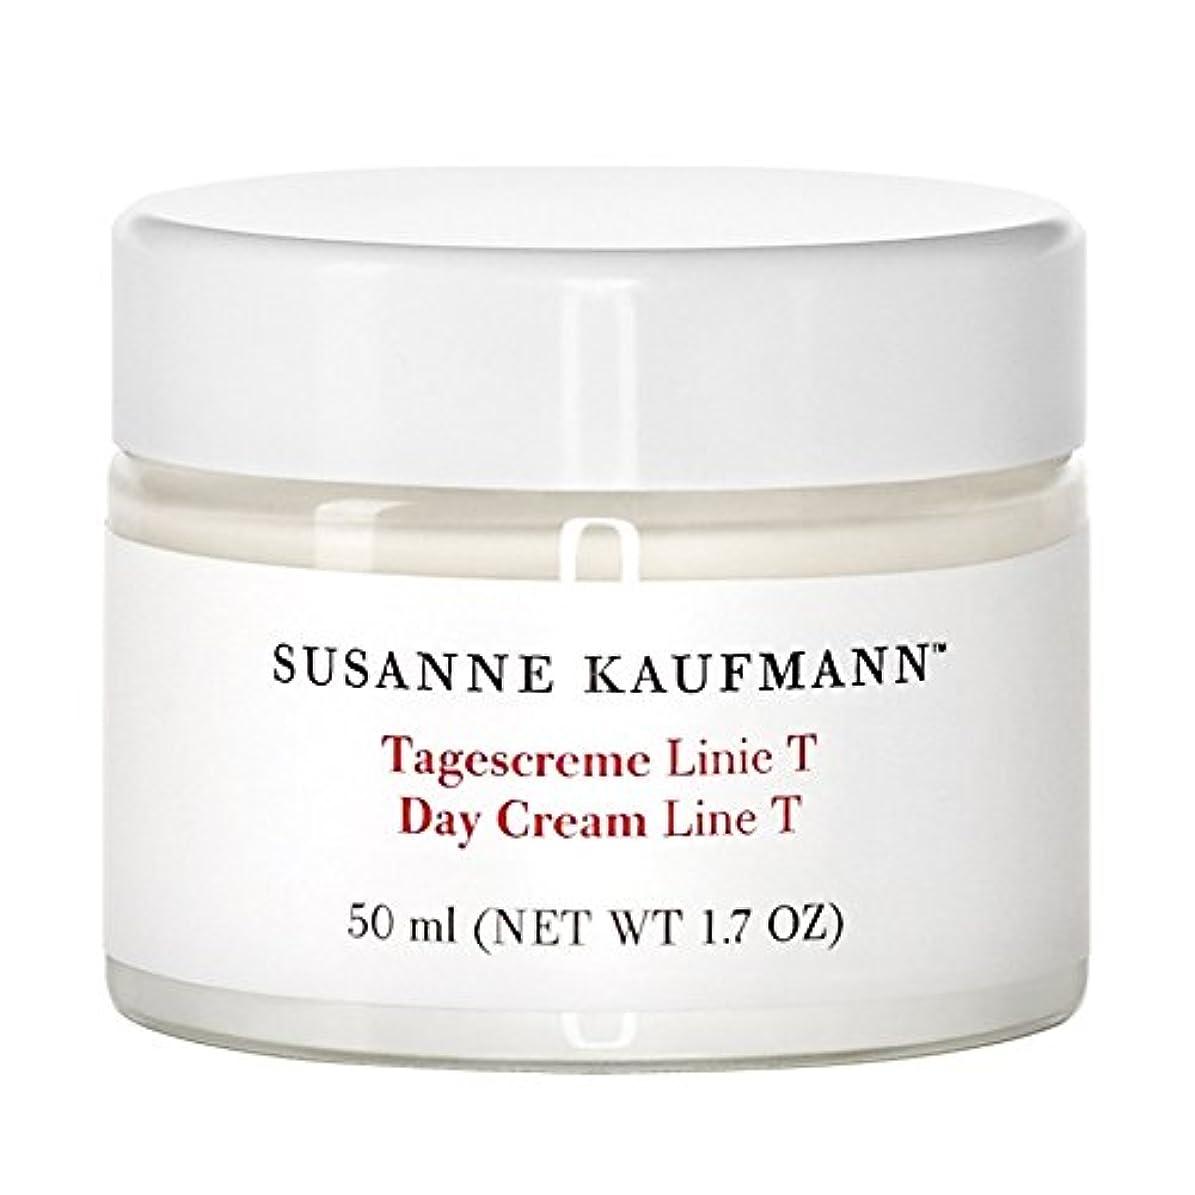 表現裸表現スザンヌカウフマン日クリームライントンの50ミリリットル x2 - Susanne Kaufmann Day Cream Line T 50ml (Pack of 2) [並行輸入品]